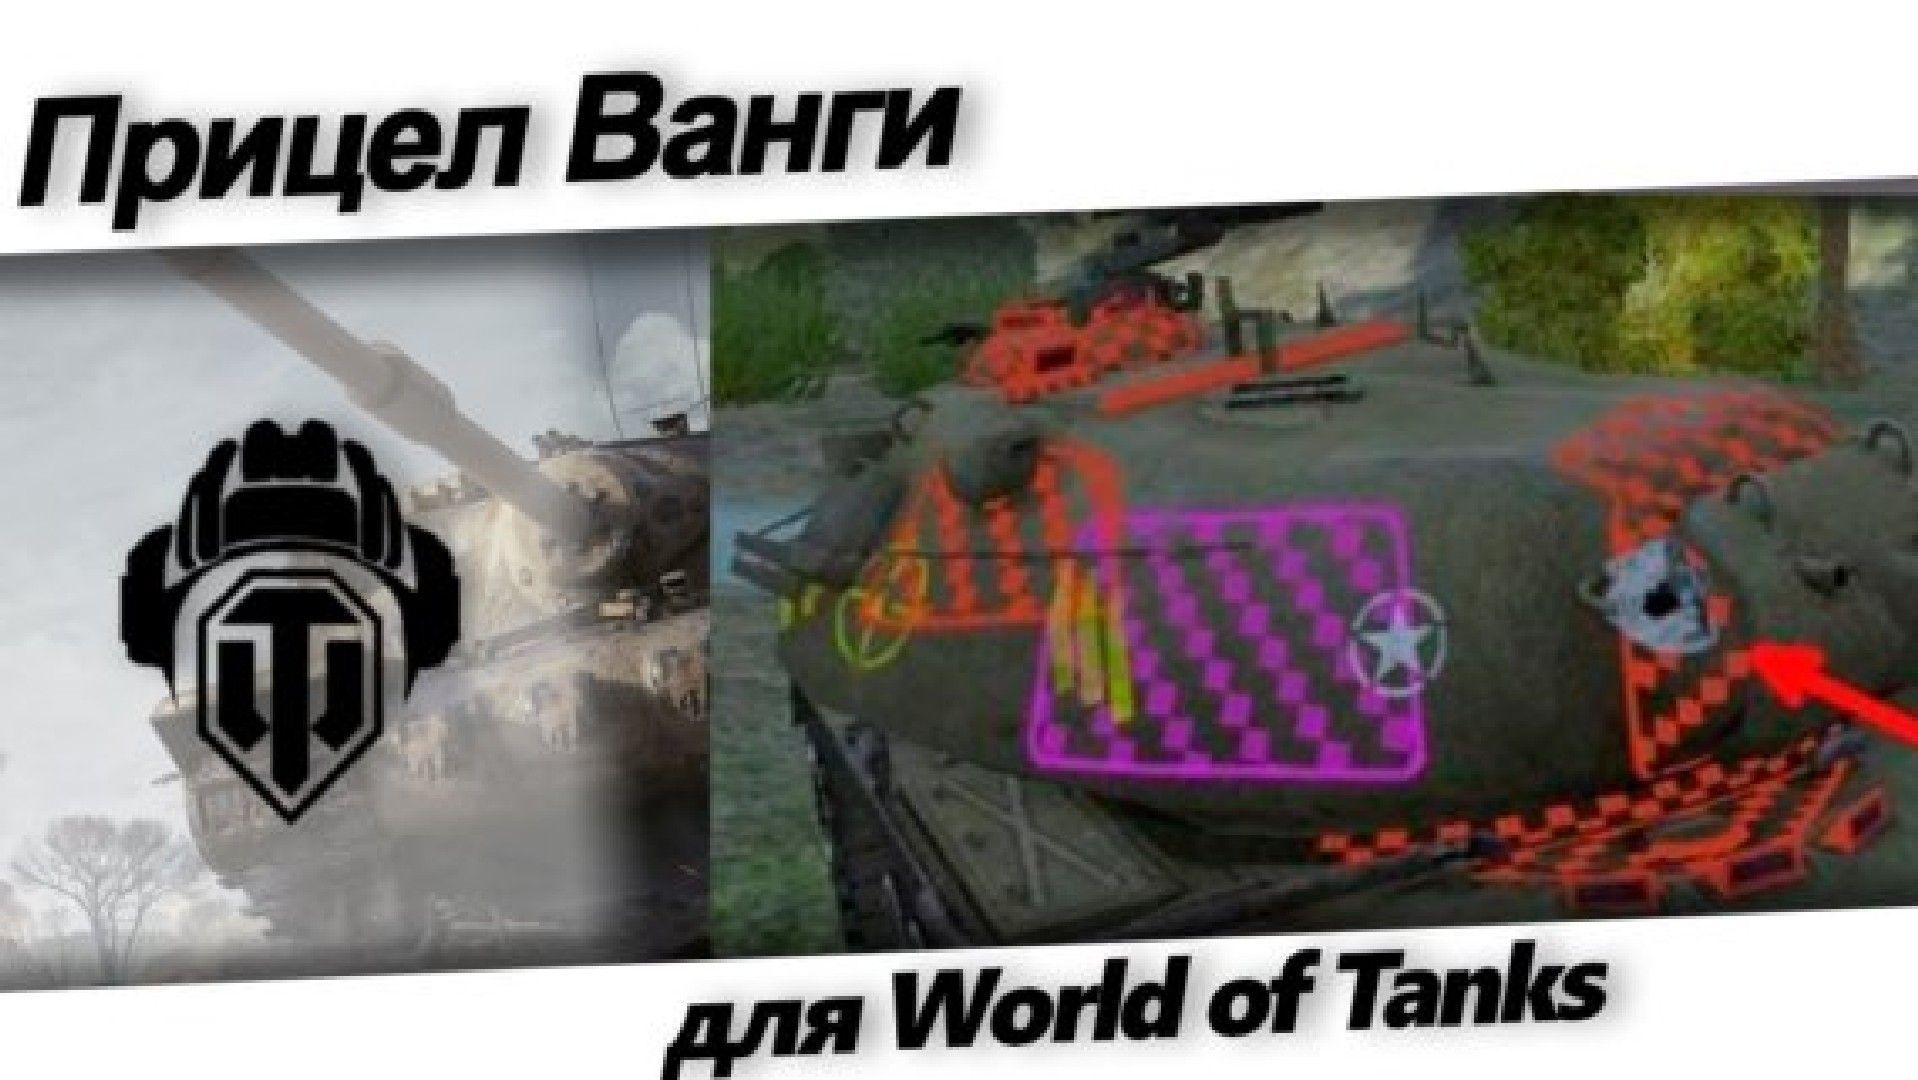 скачать прицел ванги для world of tanks.